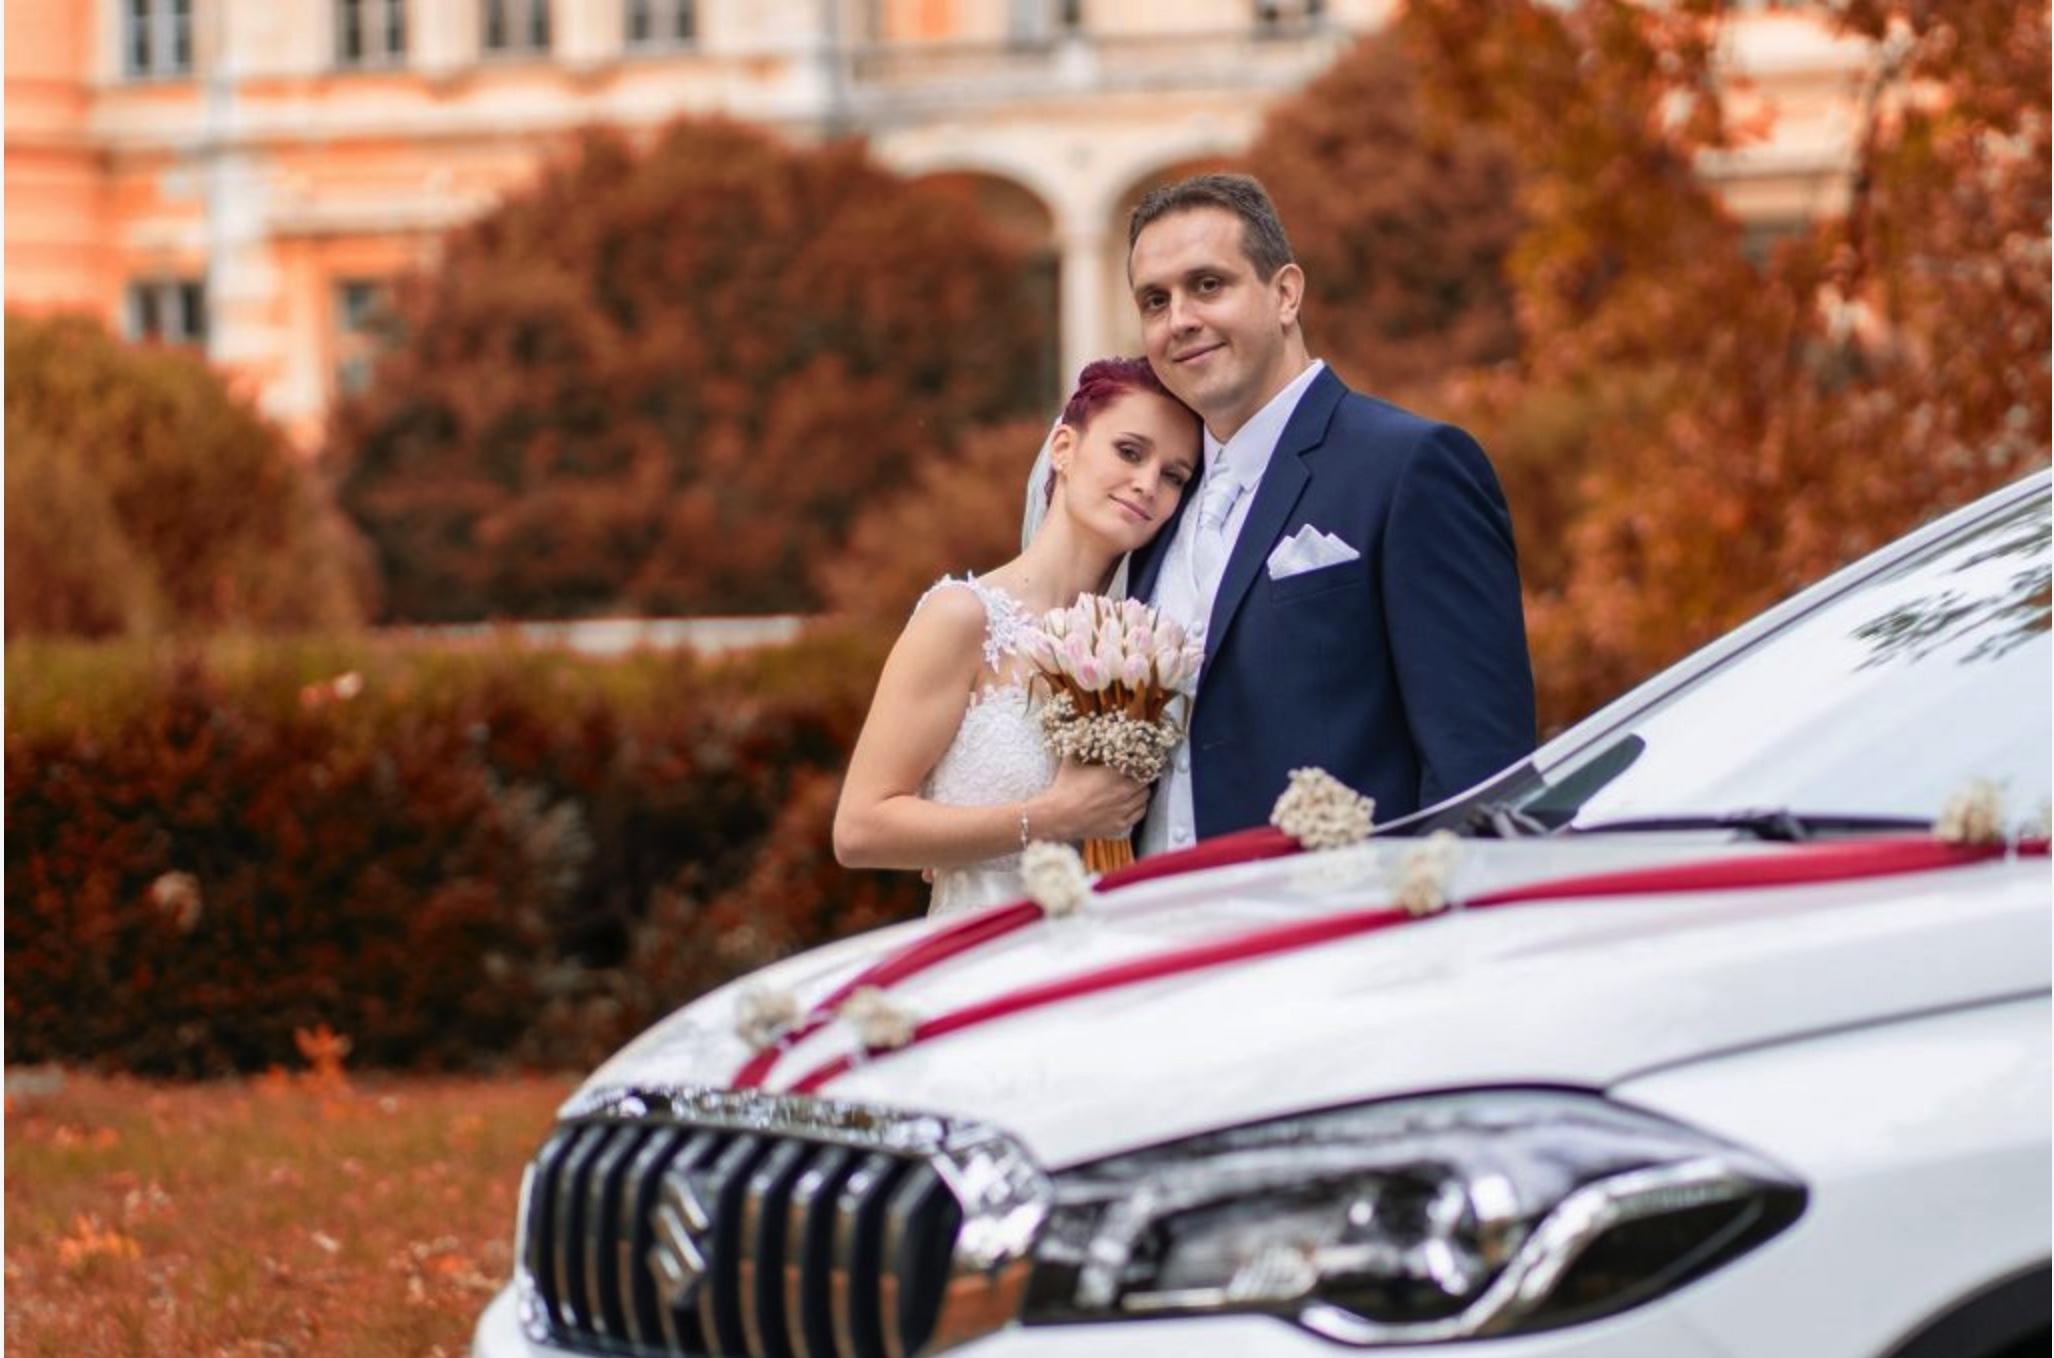 Mit tud nyújtani egy kiváló esküvő fotózás?